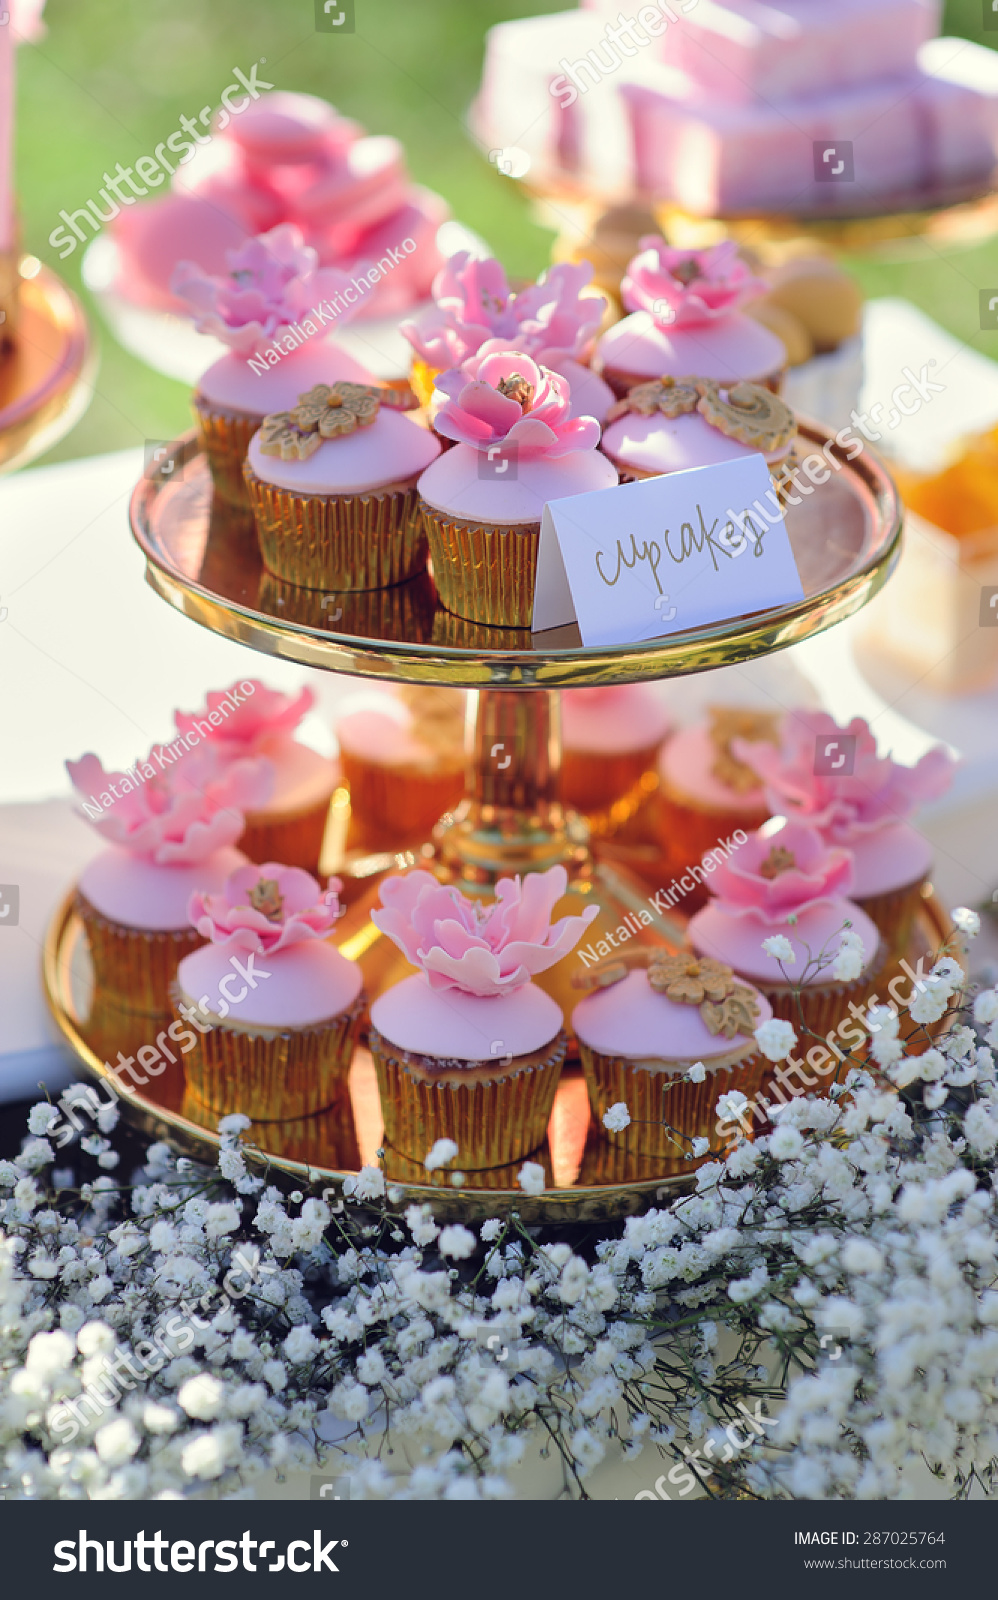 甜点和蛋糕装饰表户外聚会-食品及饮料,公园/户外-()